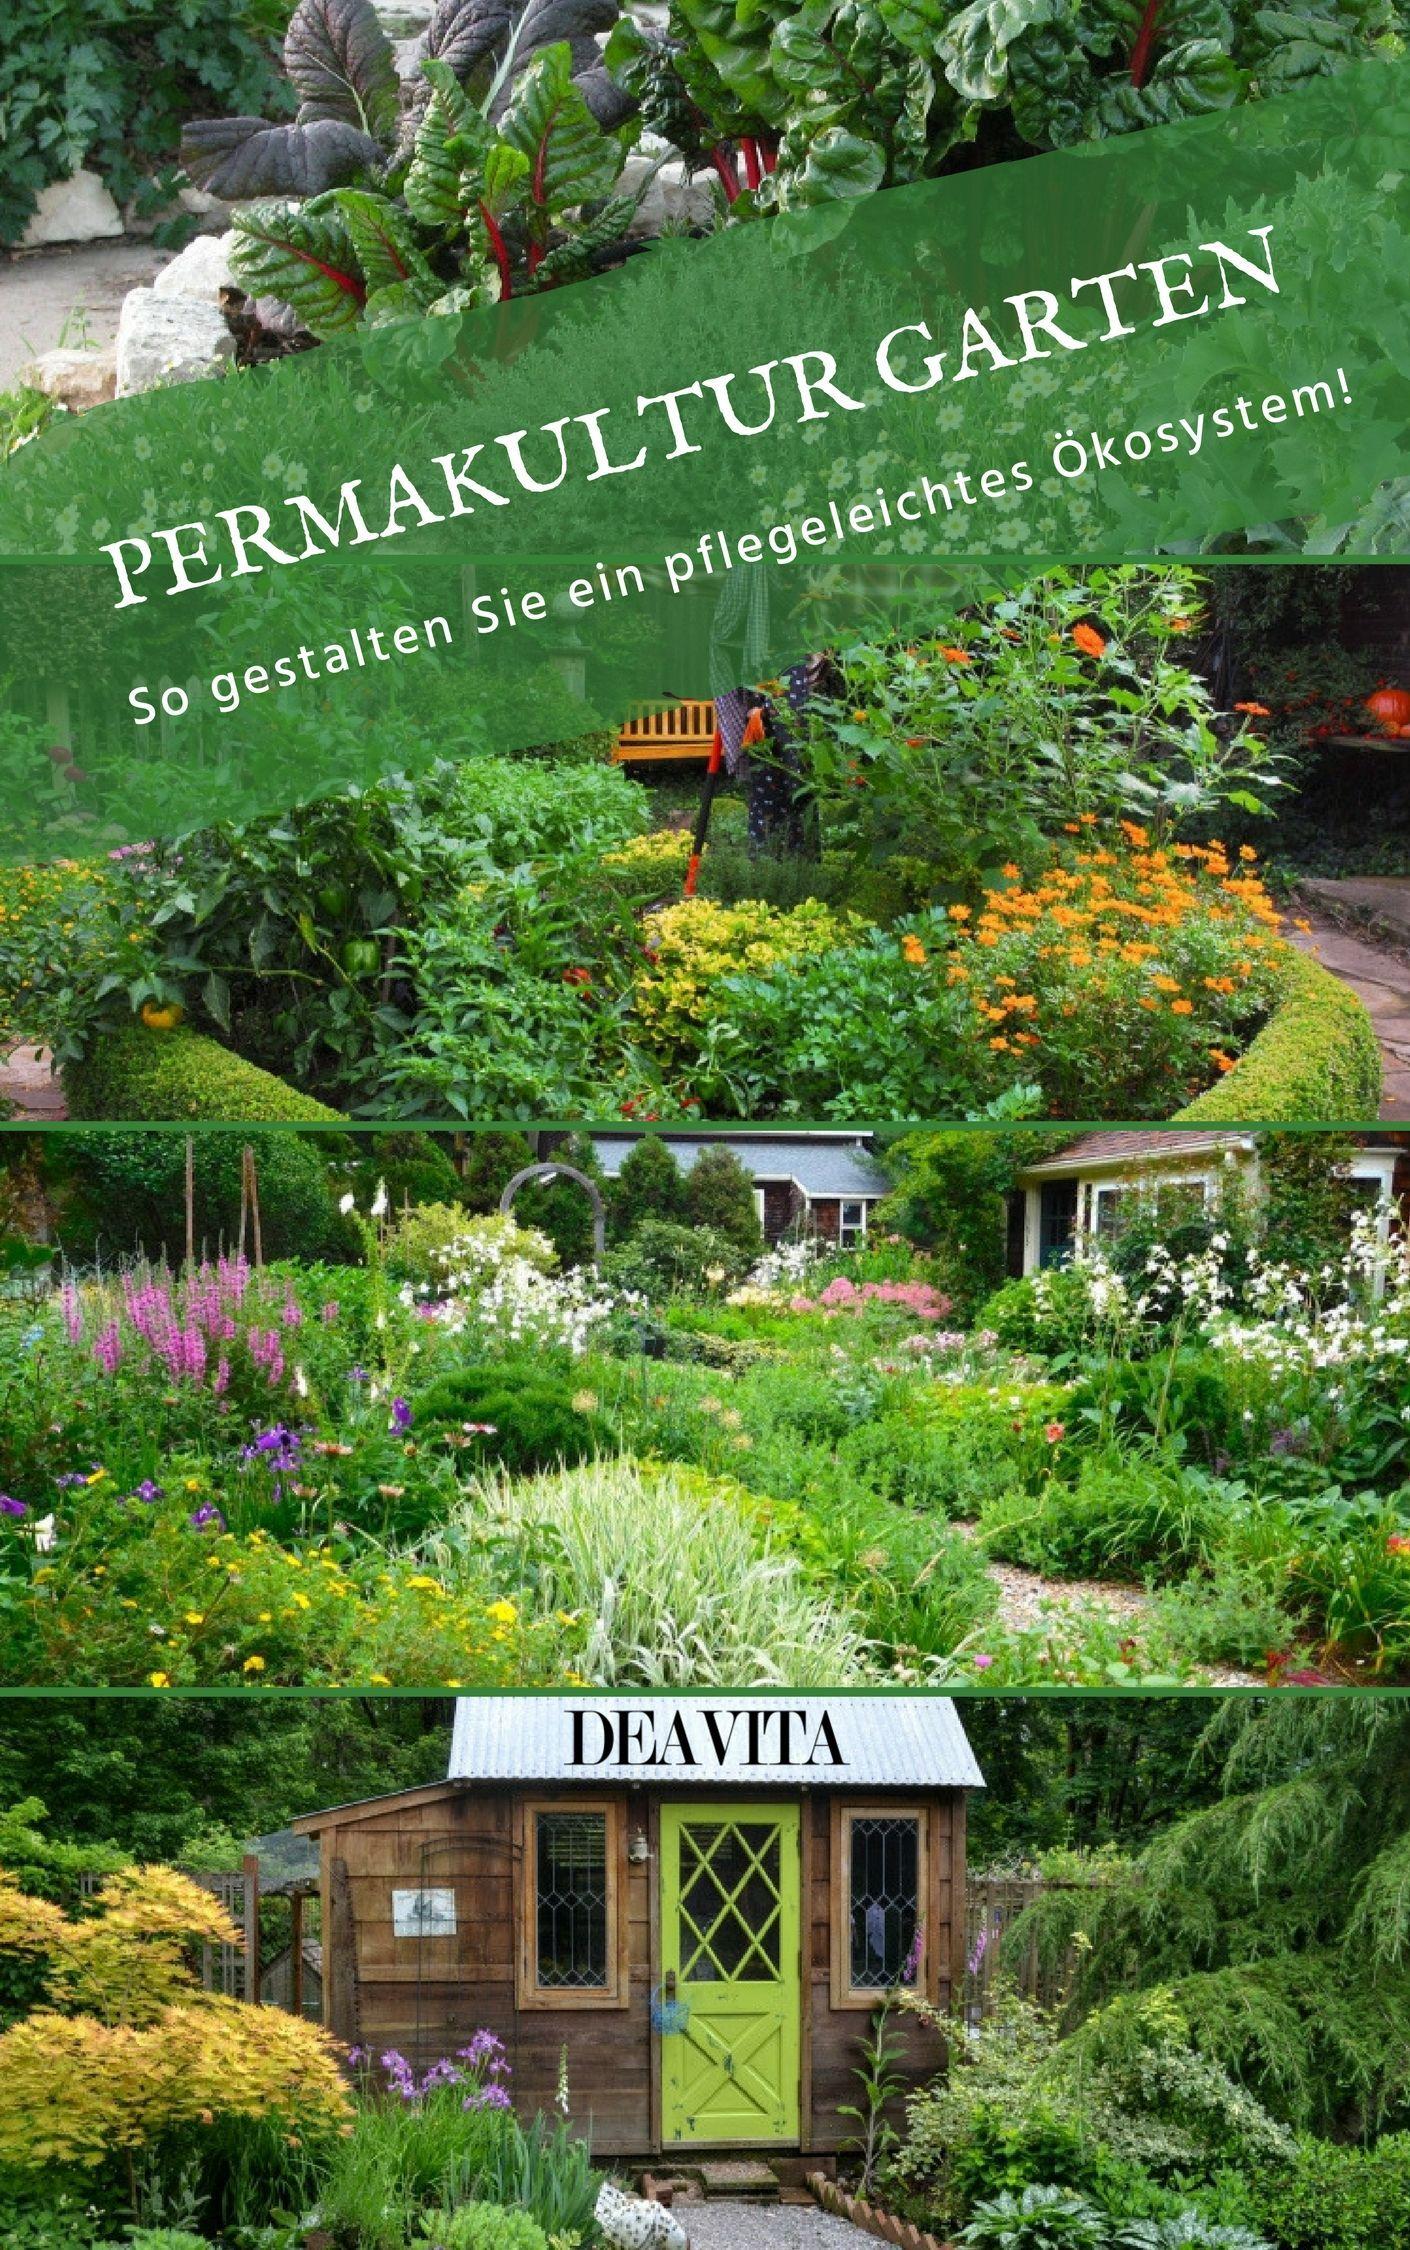 Permakultur Garten anlegen – So gestalten Sie ein pflegeleichtes und produktives Ökosystem!